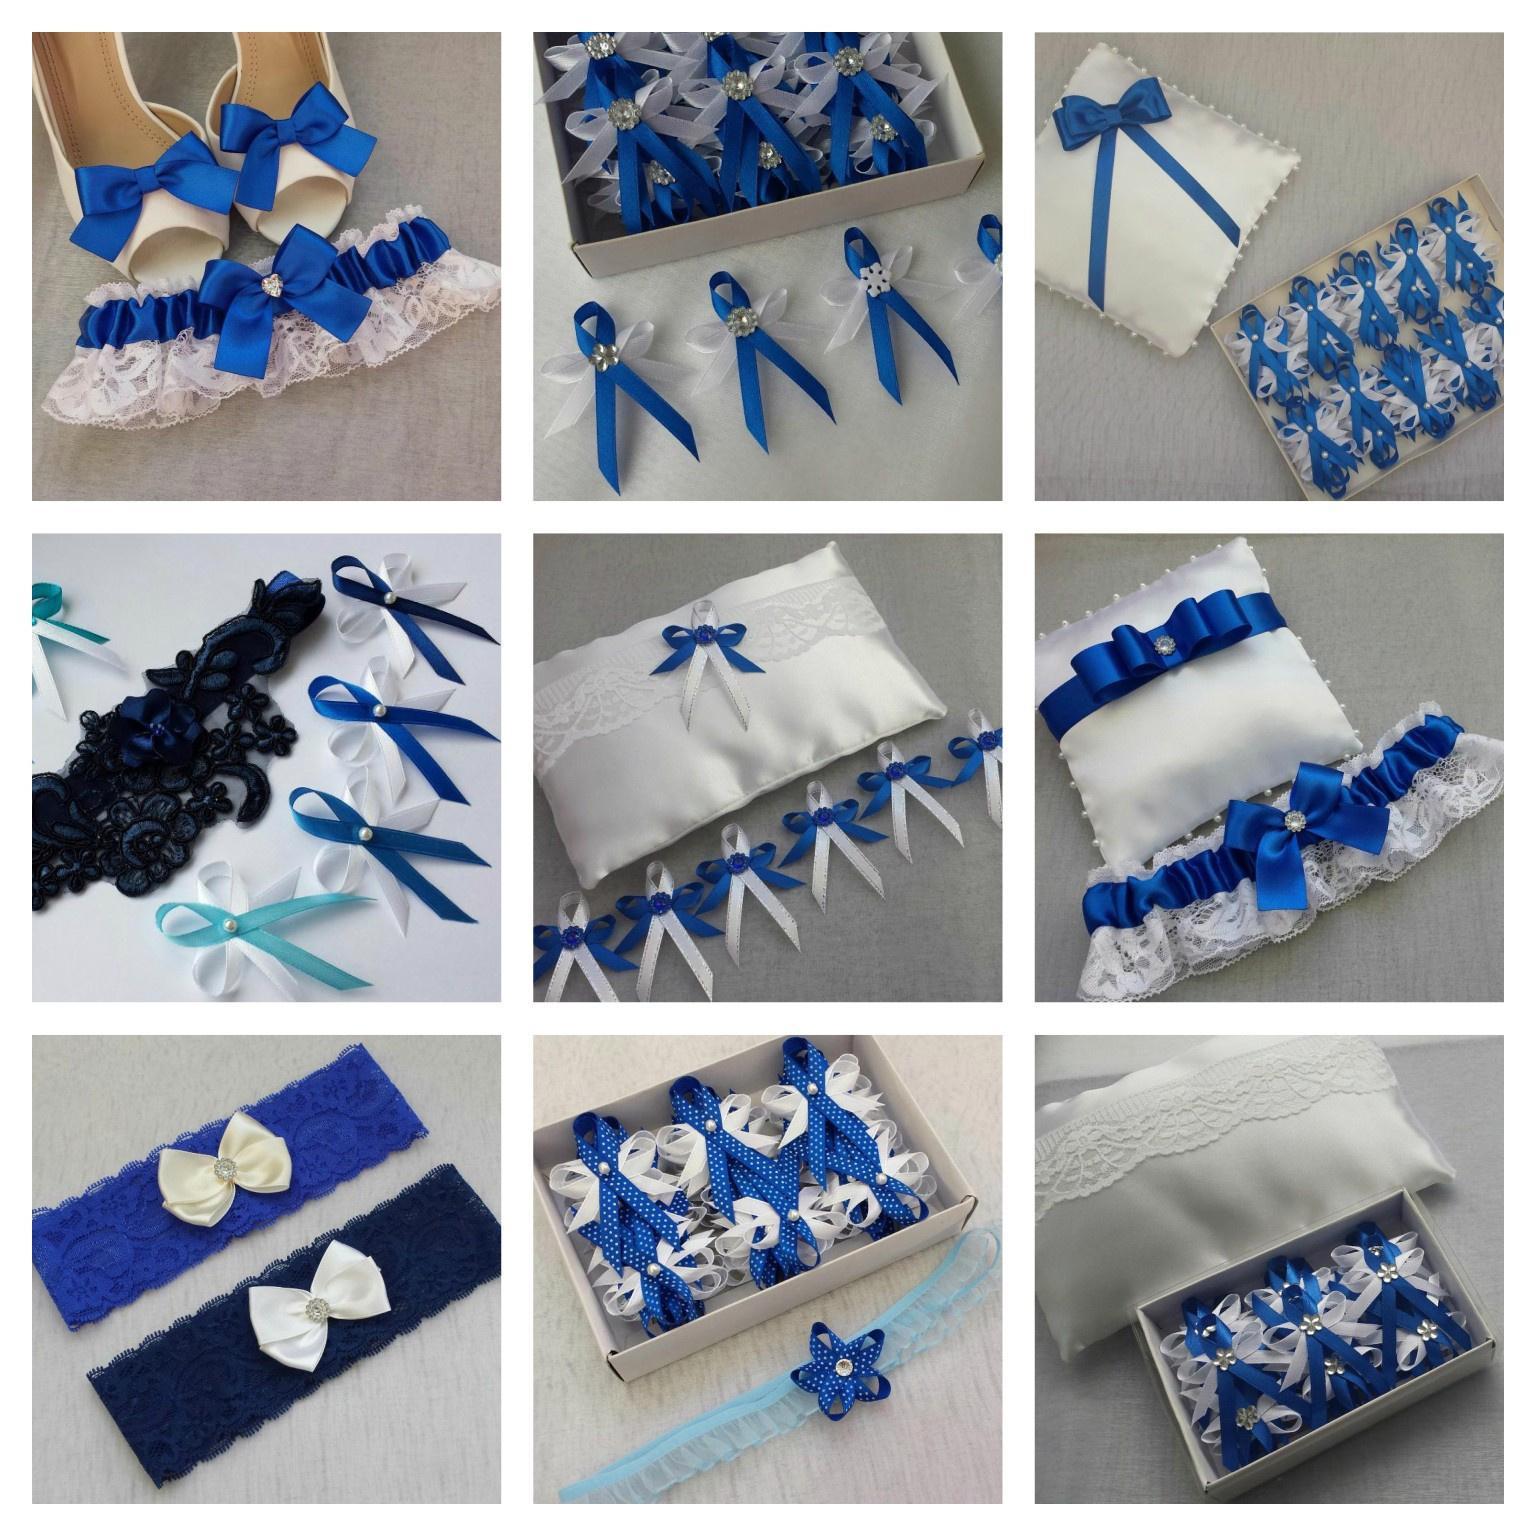 Bílý polštářek pod prstýnky s modrou mašlí - Obrázek č. 3